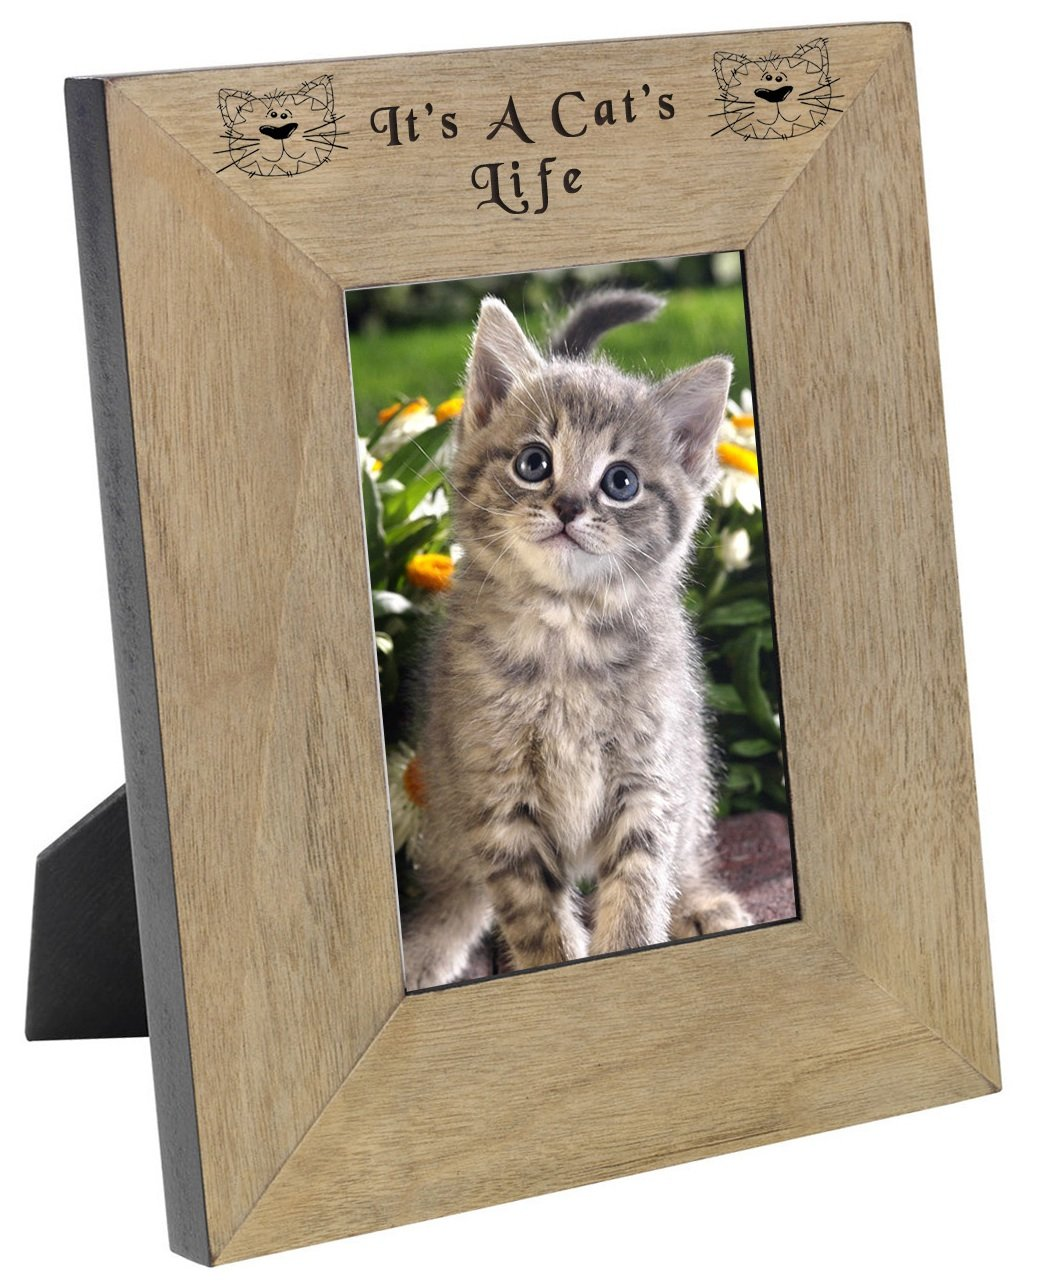 Chris Bag of Goodies Regalo de Regalo para Gatos y Amantes de los Gatos con Marco de Fotos de 6 x 4 y 6 x 4 cm, diseño con Texto en inglés ...